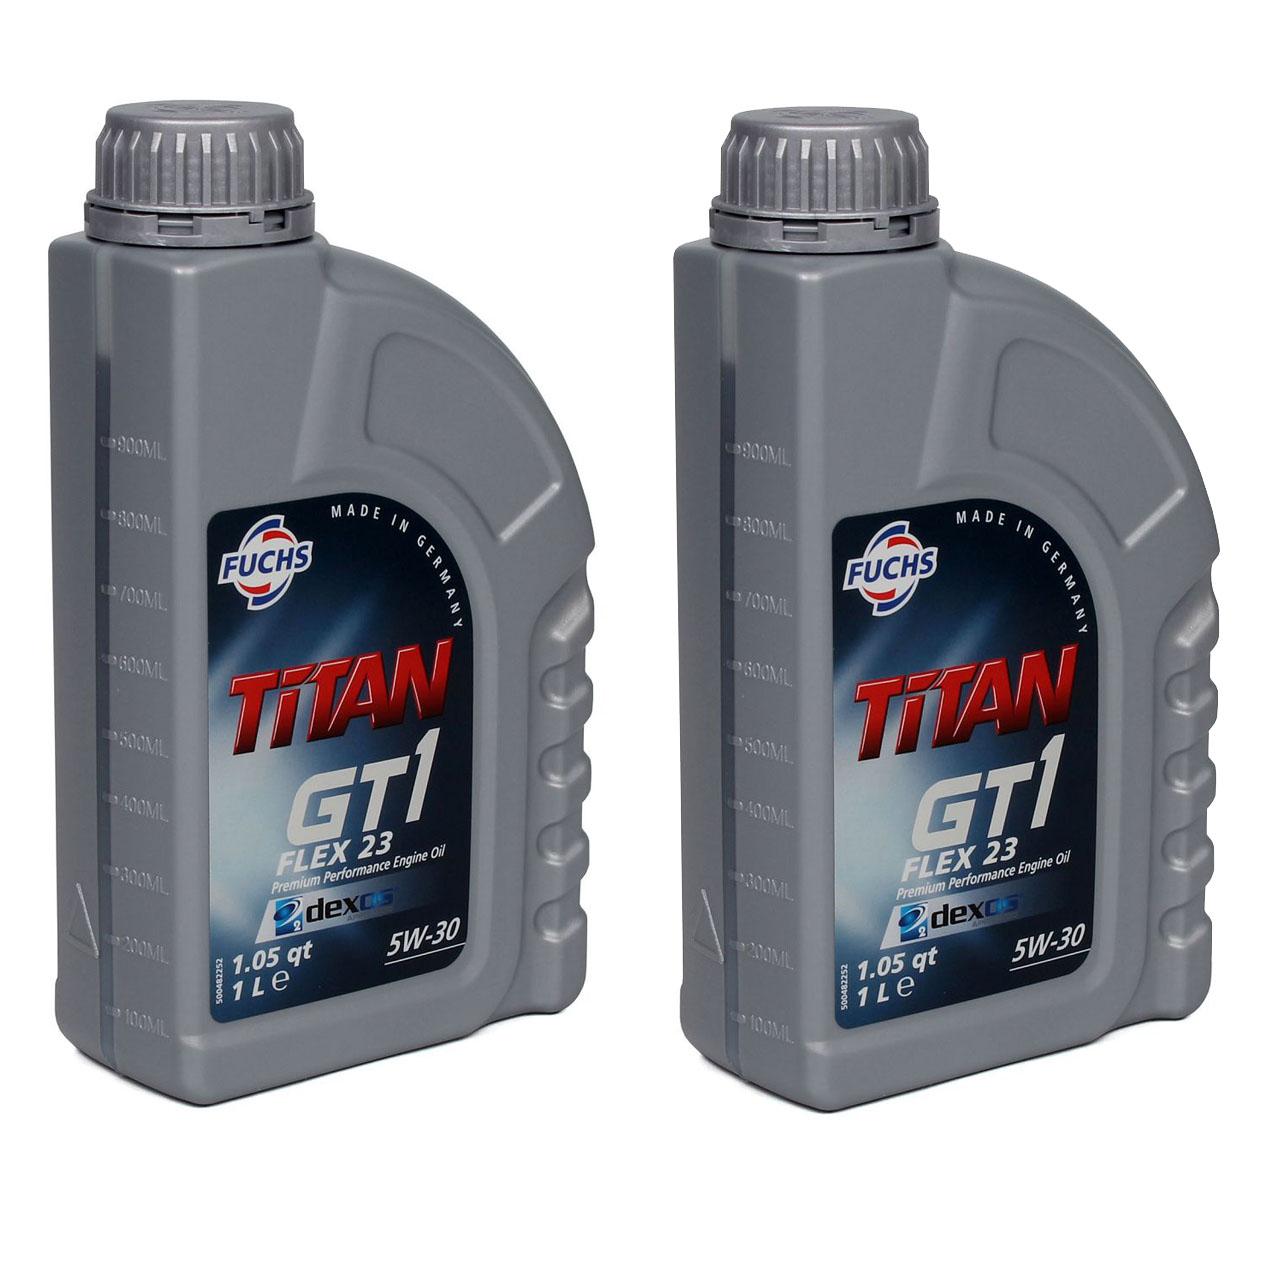 FUCHS Motoröl TITAN GT1 Flex 23 5W30 5W-30 dexos2 LL-04 505.00/505.01 2L 2 Liter